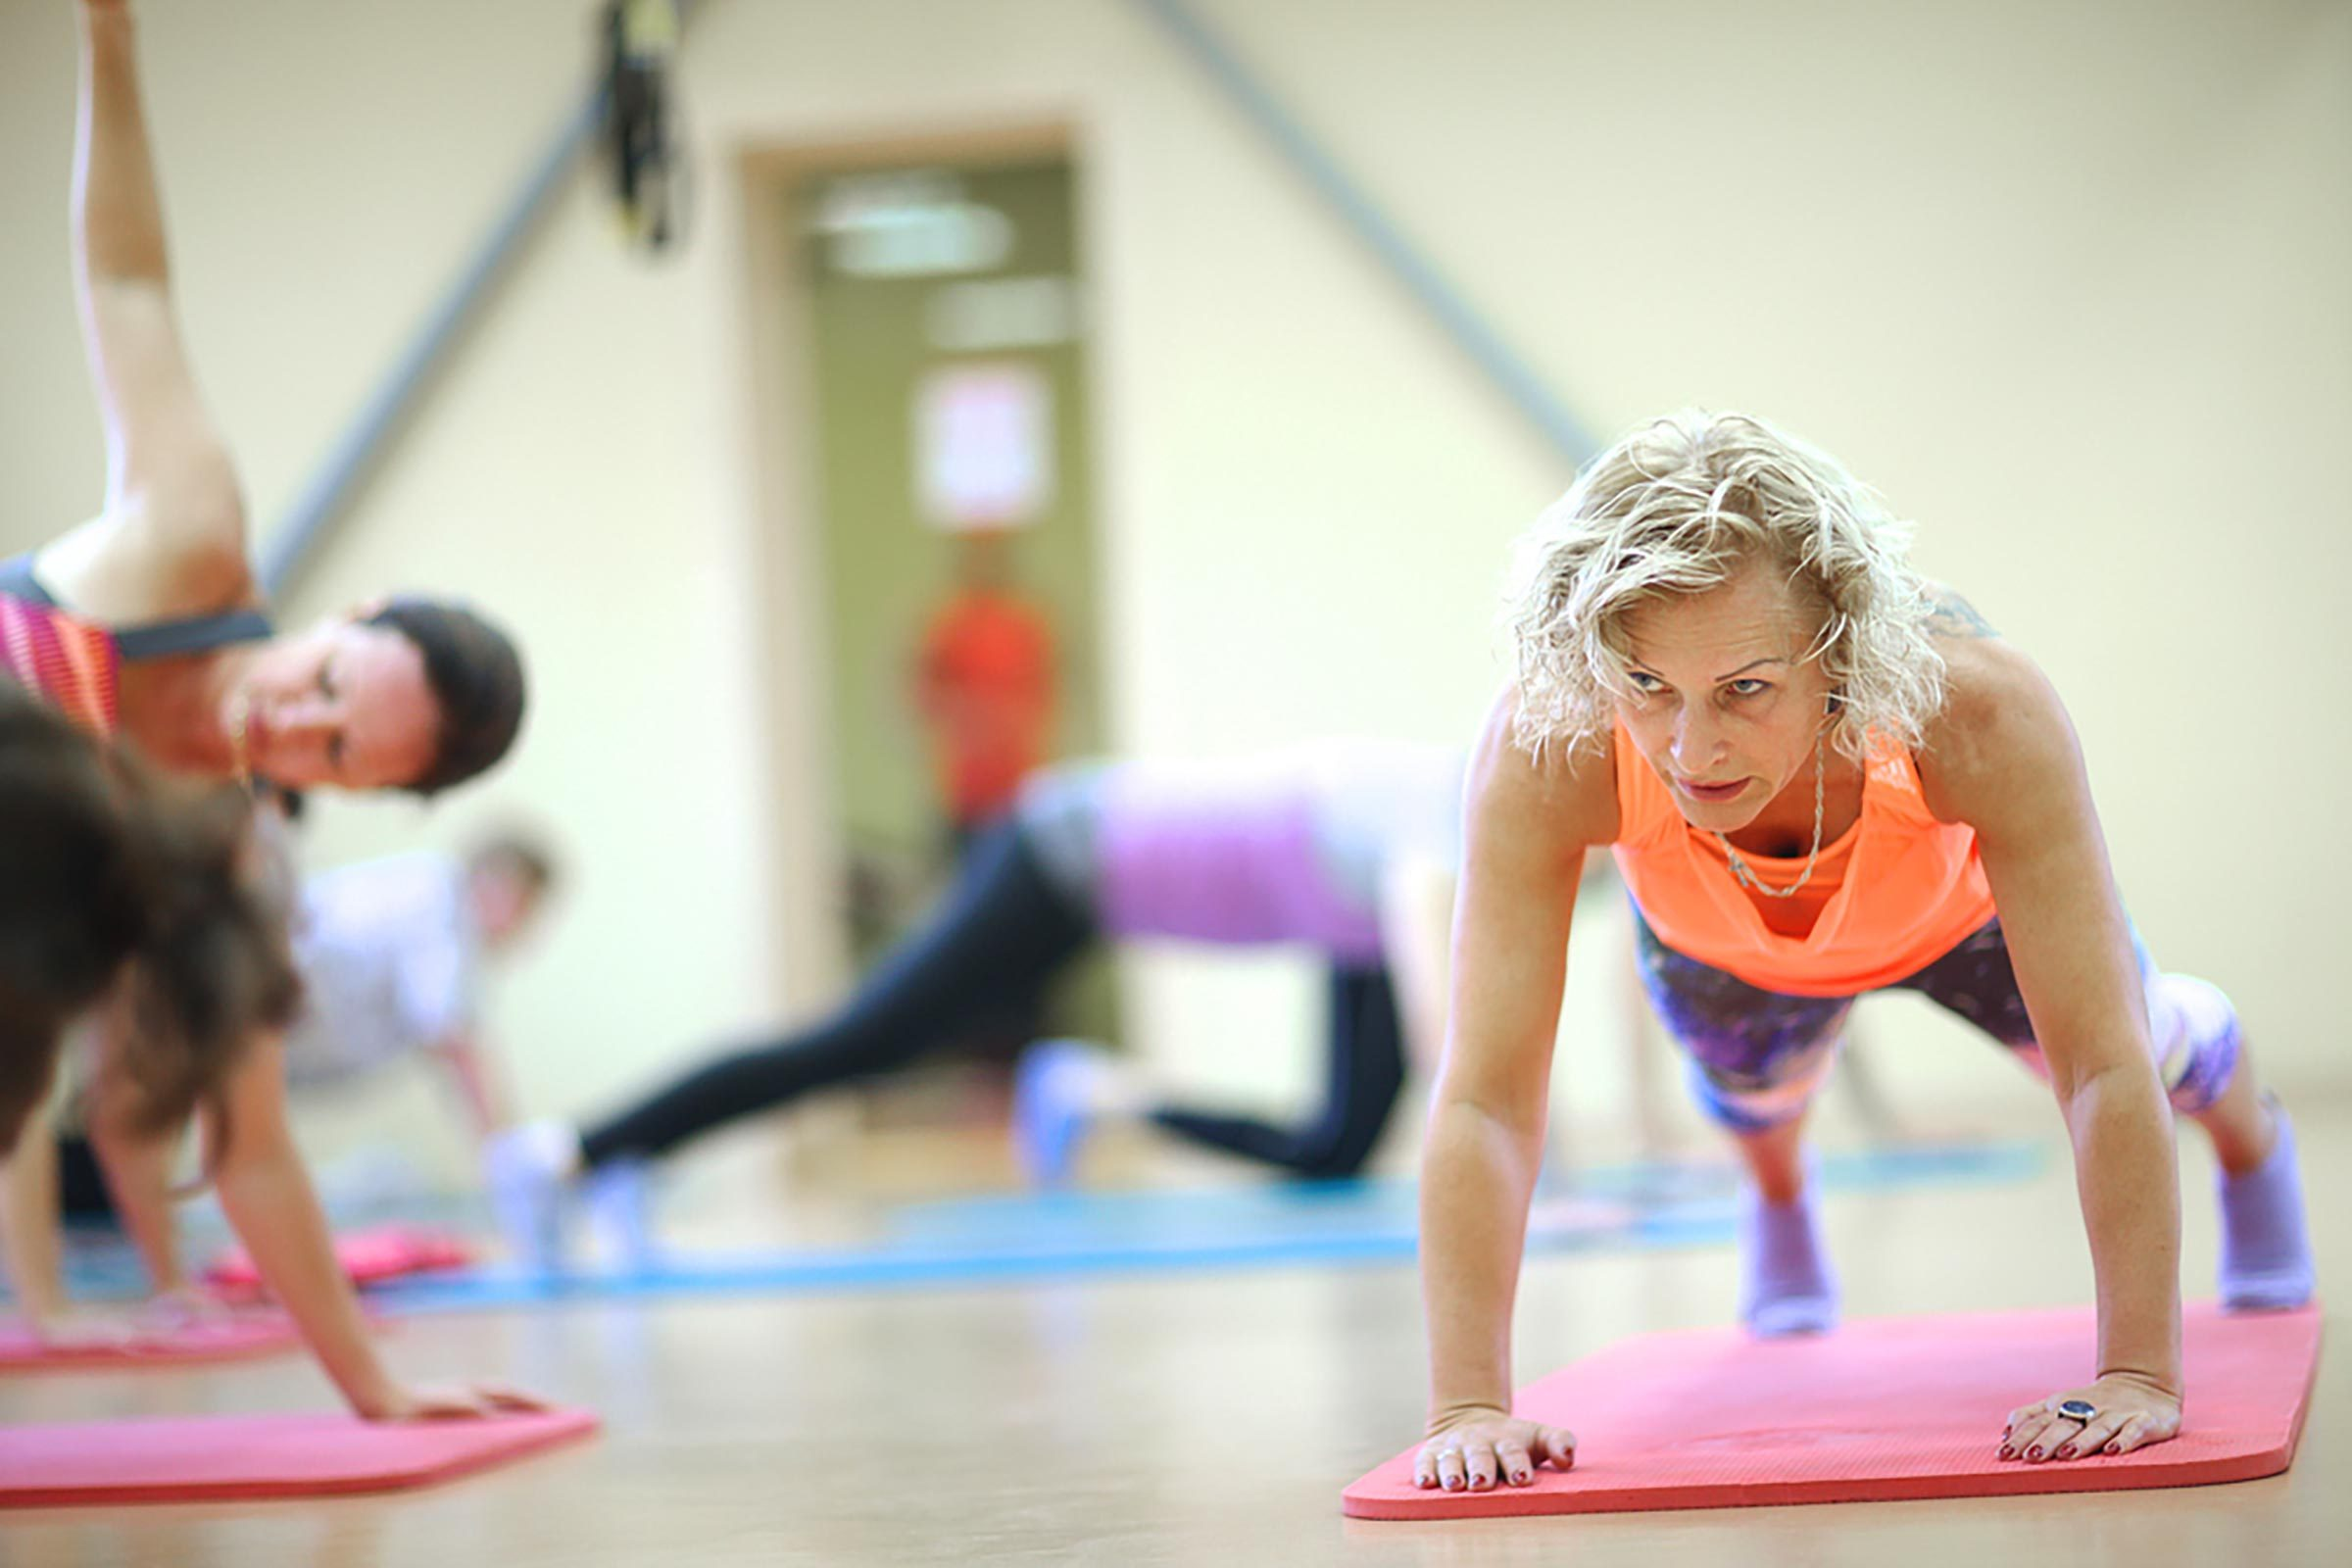 womenexercising